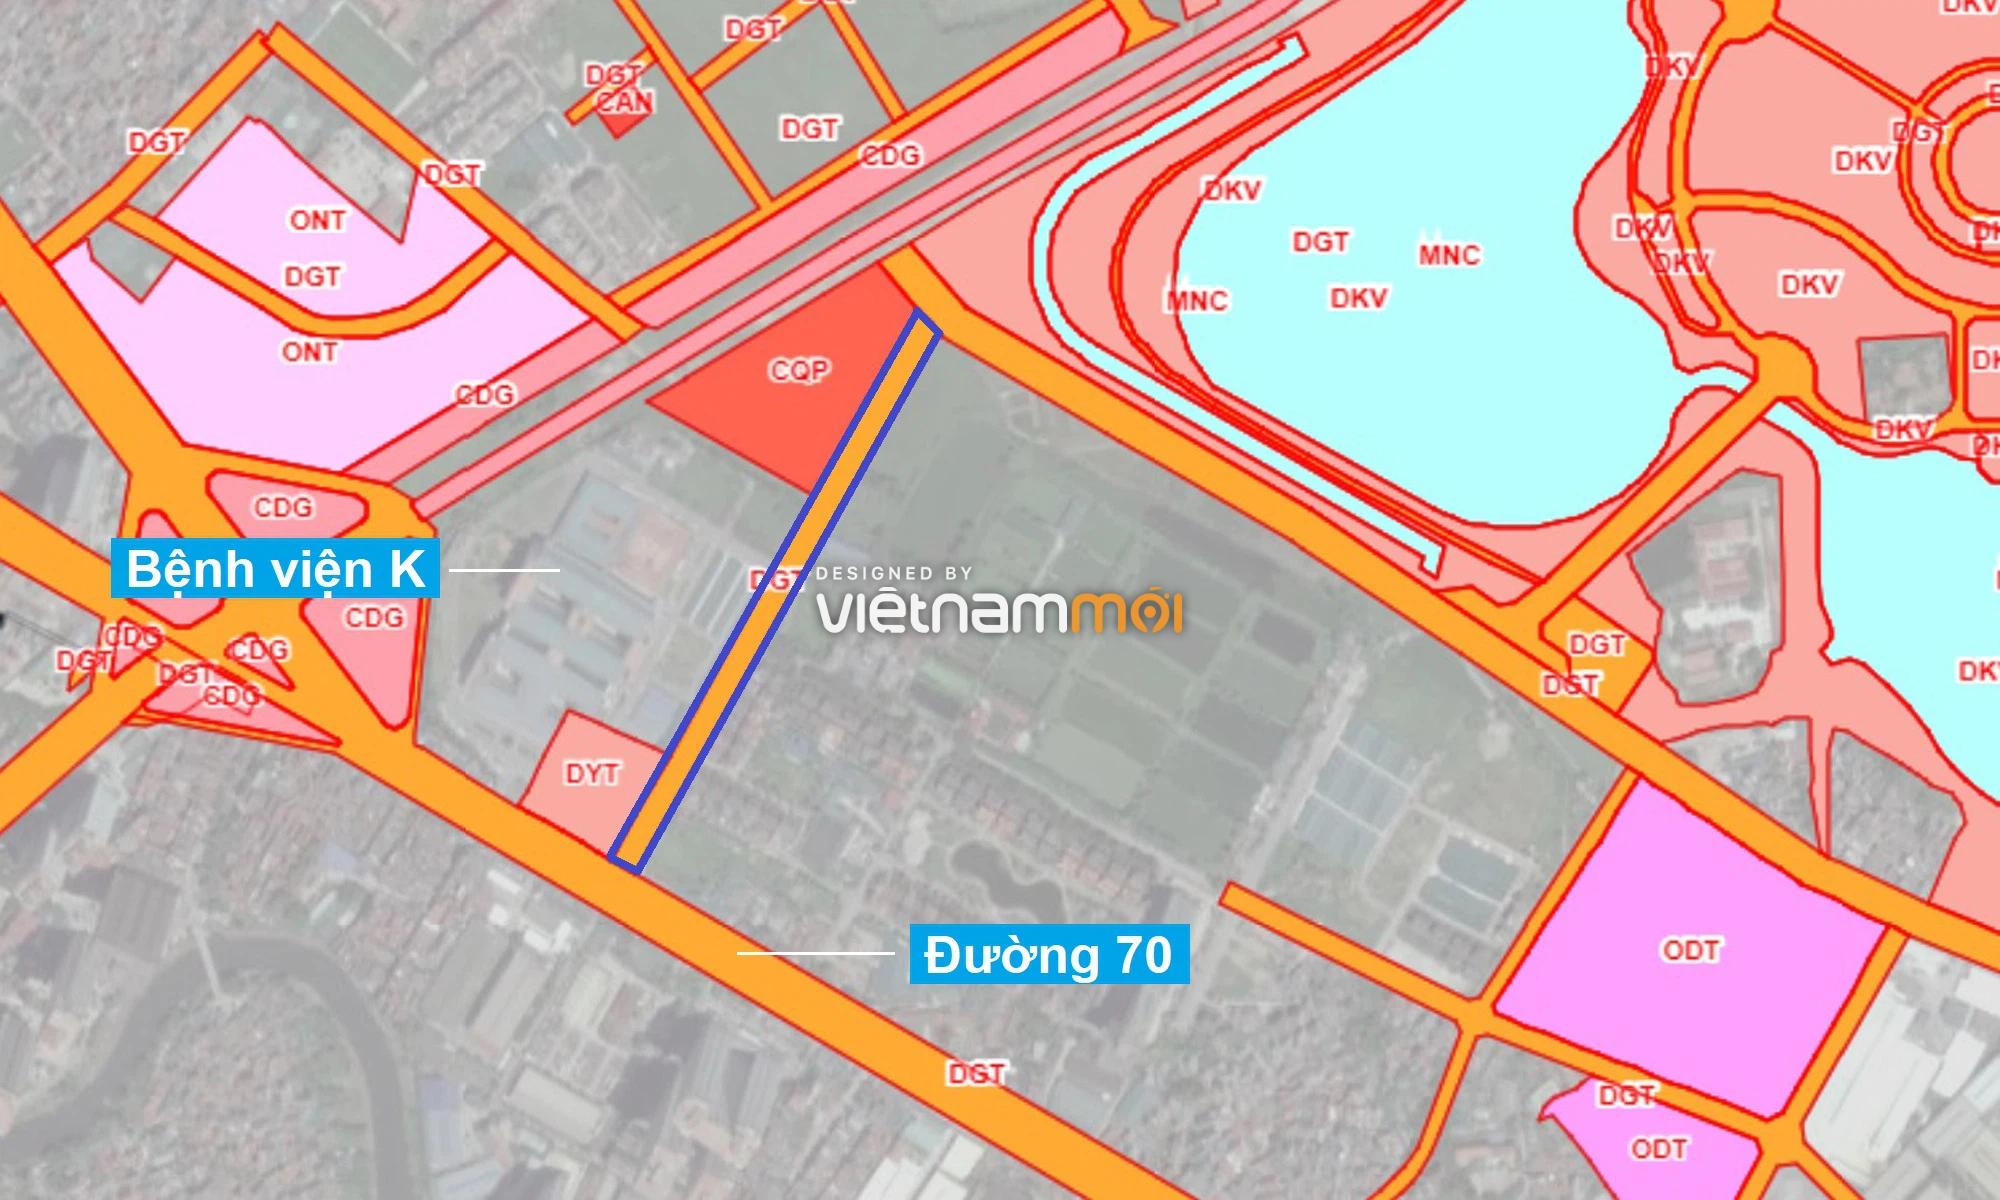 Những khu đất sắp thu hồi để mở đường ở xã Tân Triều, Thanh Trì Hà Nội (phần 1) - Ảnh 11.